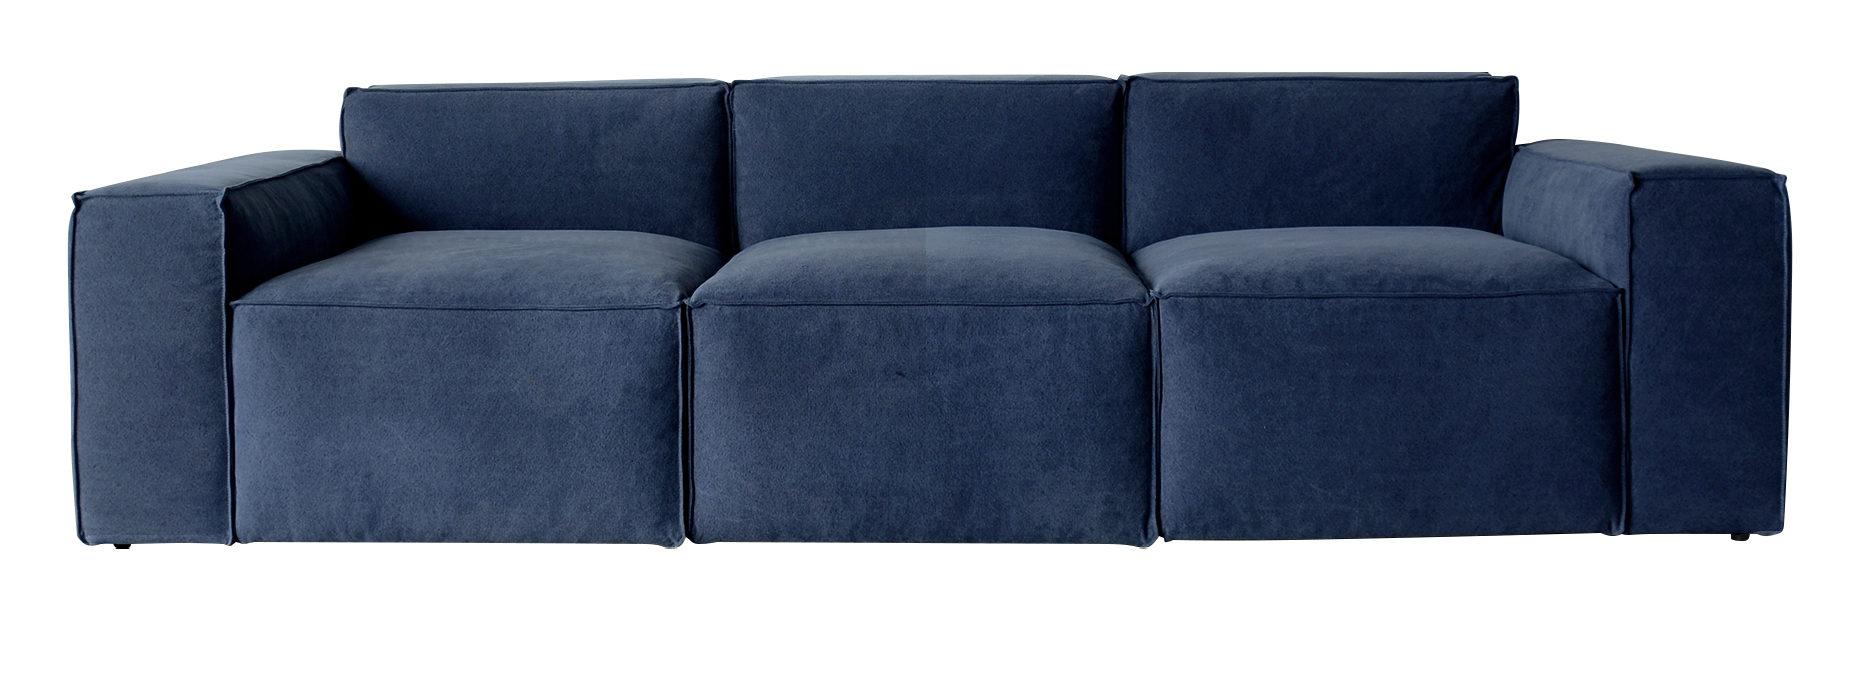 riley-modular-sofa-in-indigo-canvas